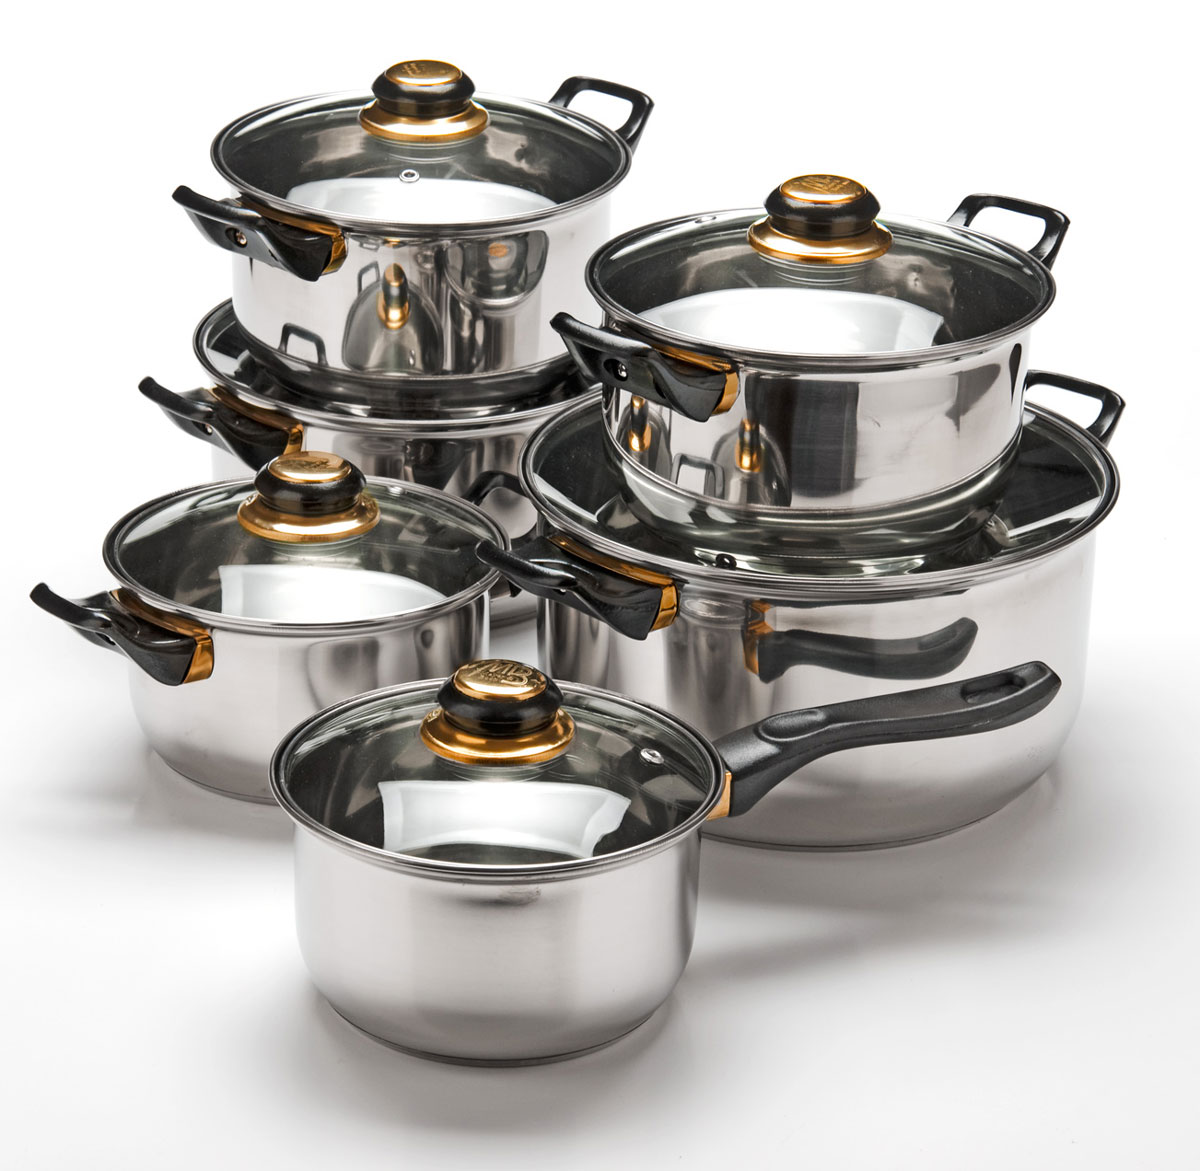 Набор посуды Mayer & Boch, 12 предметов. 25750391602Набор посуды станет отличным дополнением к набору кухонной утвари. С его приобретением приготовление ваших любимых блюд перейдет на качественно новый уровень и вы сможете воплотить в жизнь любые кулинарные идеи. В комплект входят 12 предметов: сотейник (объем 1,4 л), 3 кастрюли (объем 1,4, 2,9, 4,9 л) и 2 кастрюли ( объем 2 л), 6 крышек. Набор многофункционален и удобен в использовании, подойдет для варки супов, приготовления блюд из мяса и рыбы, гарниров, соусов т. д.